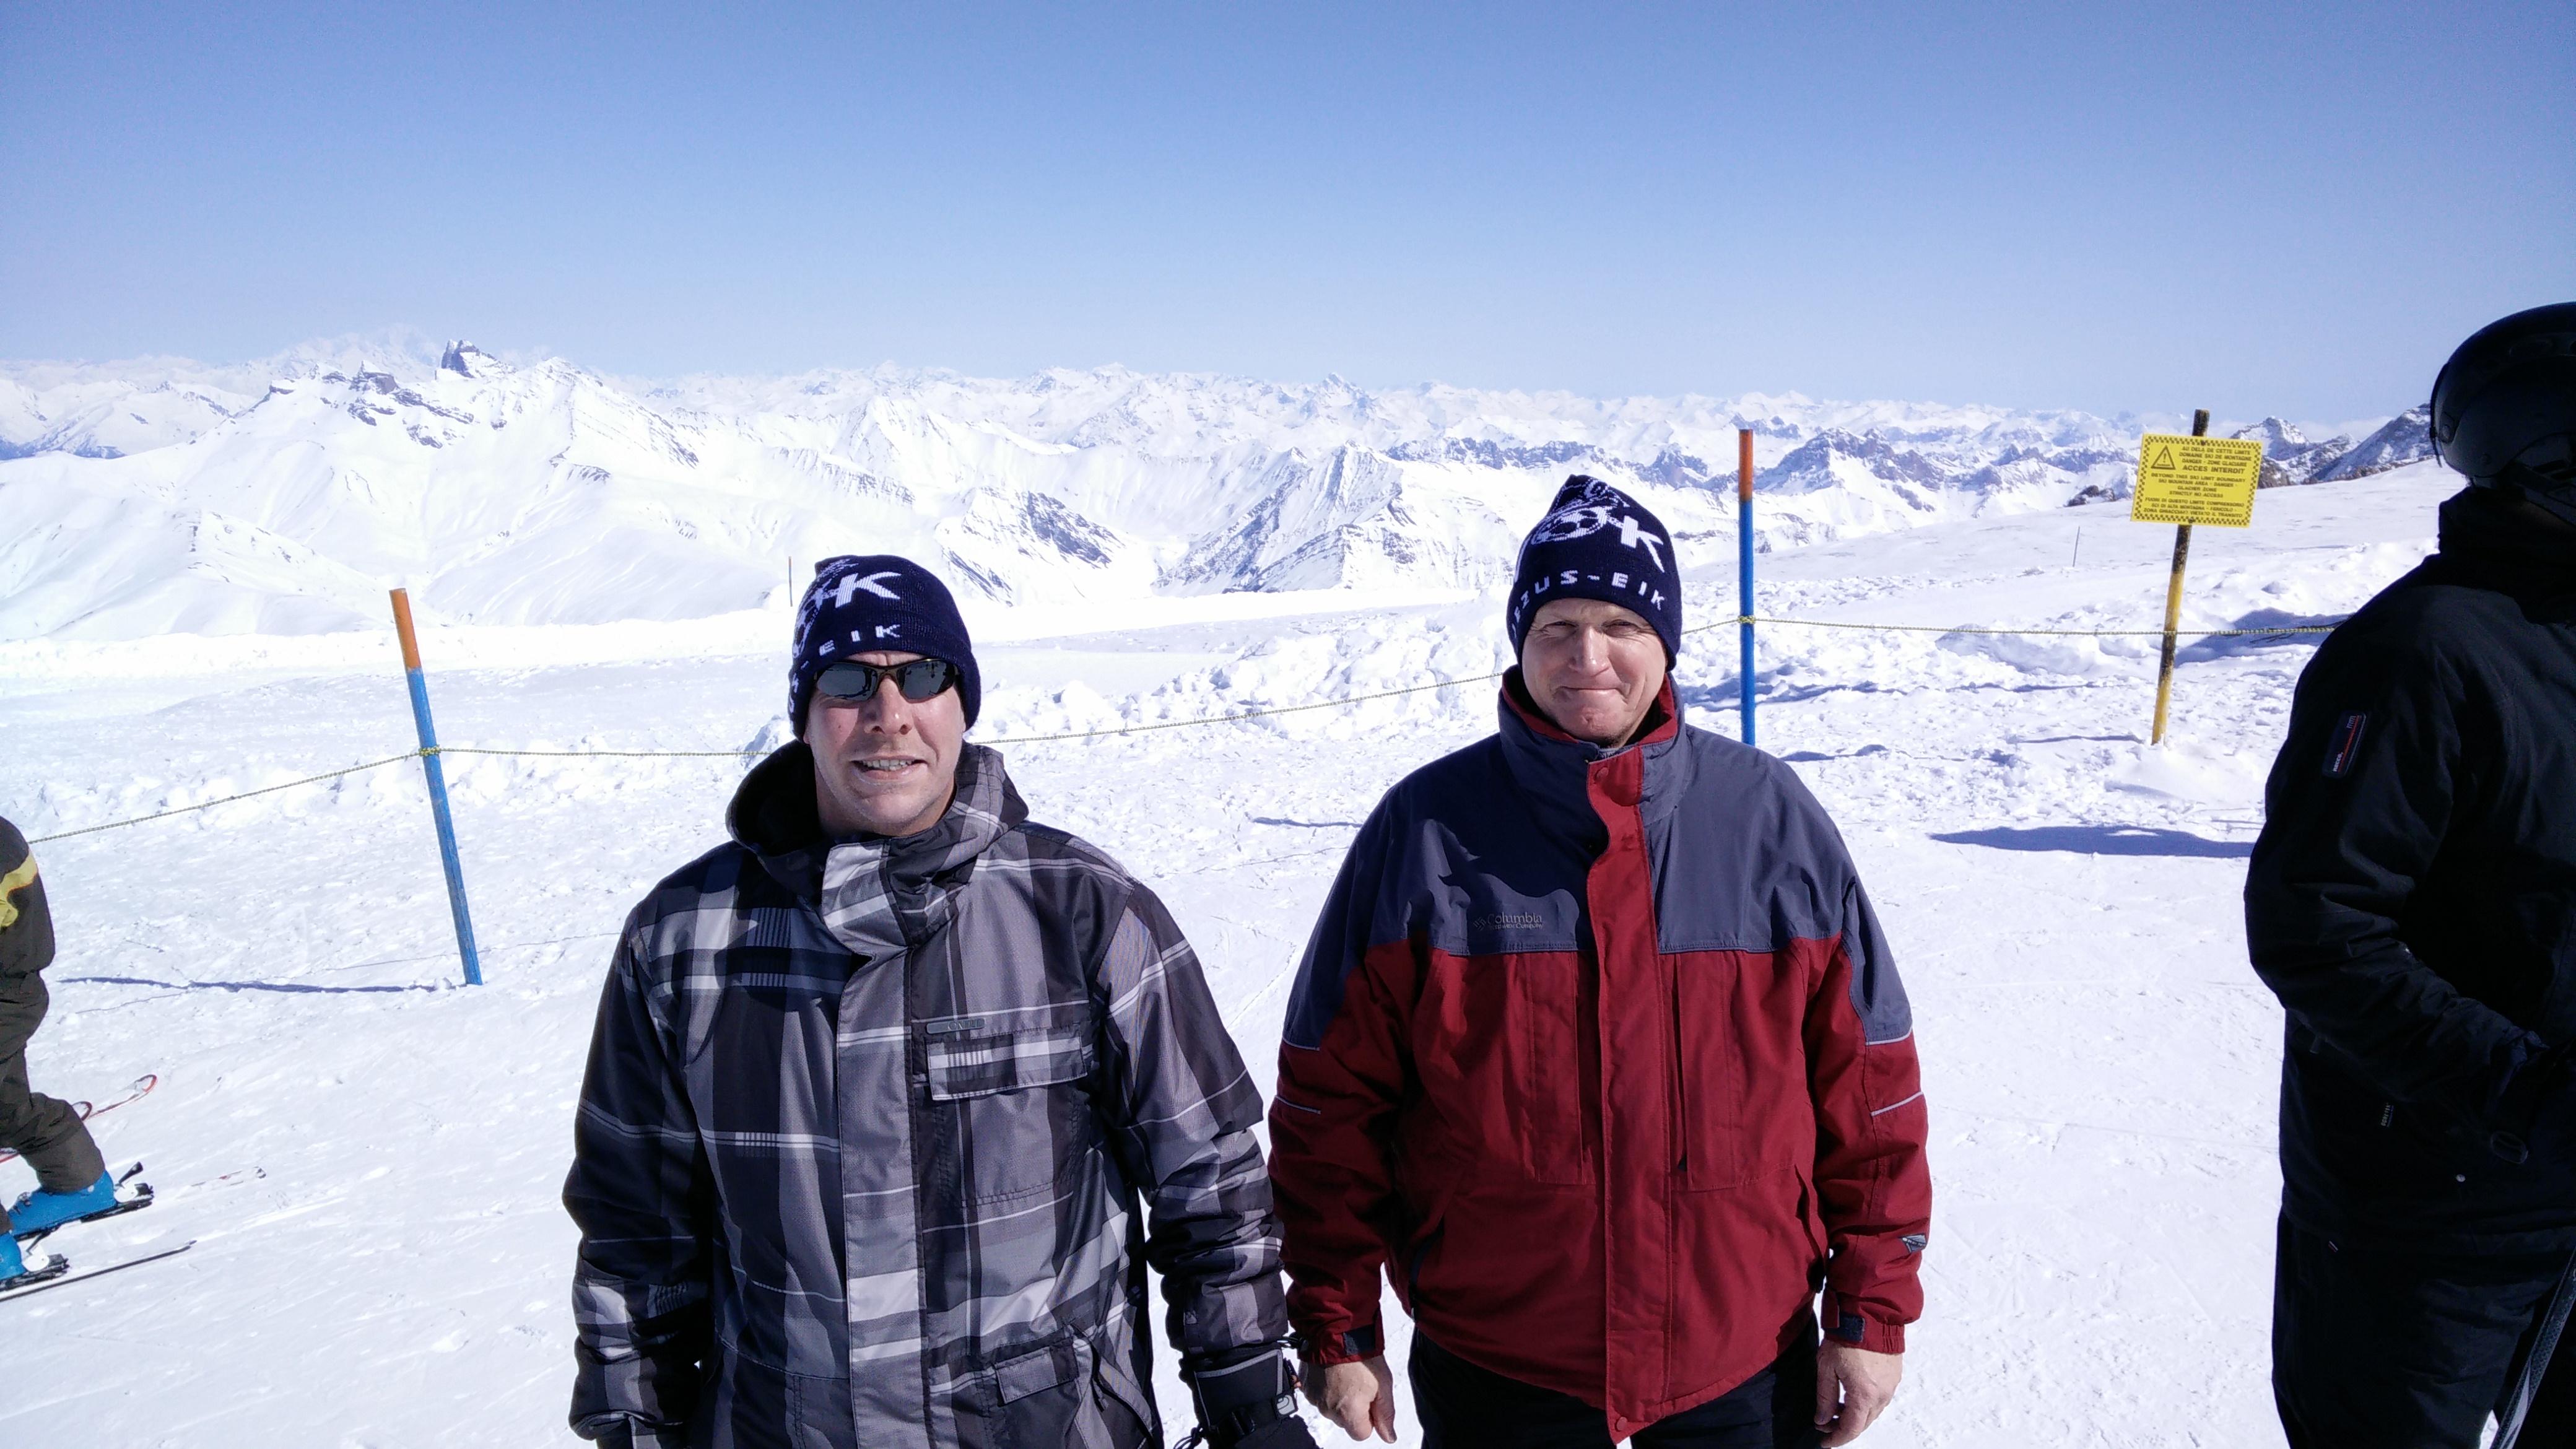 Steve en Dirk, Les Deux Alpes 2016